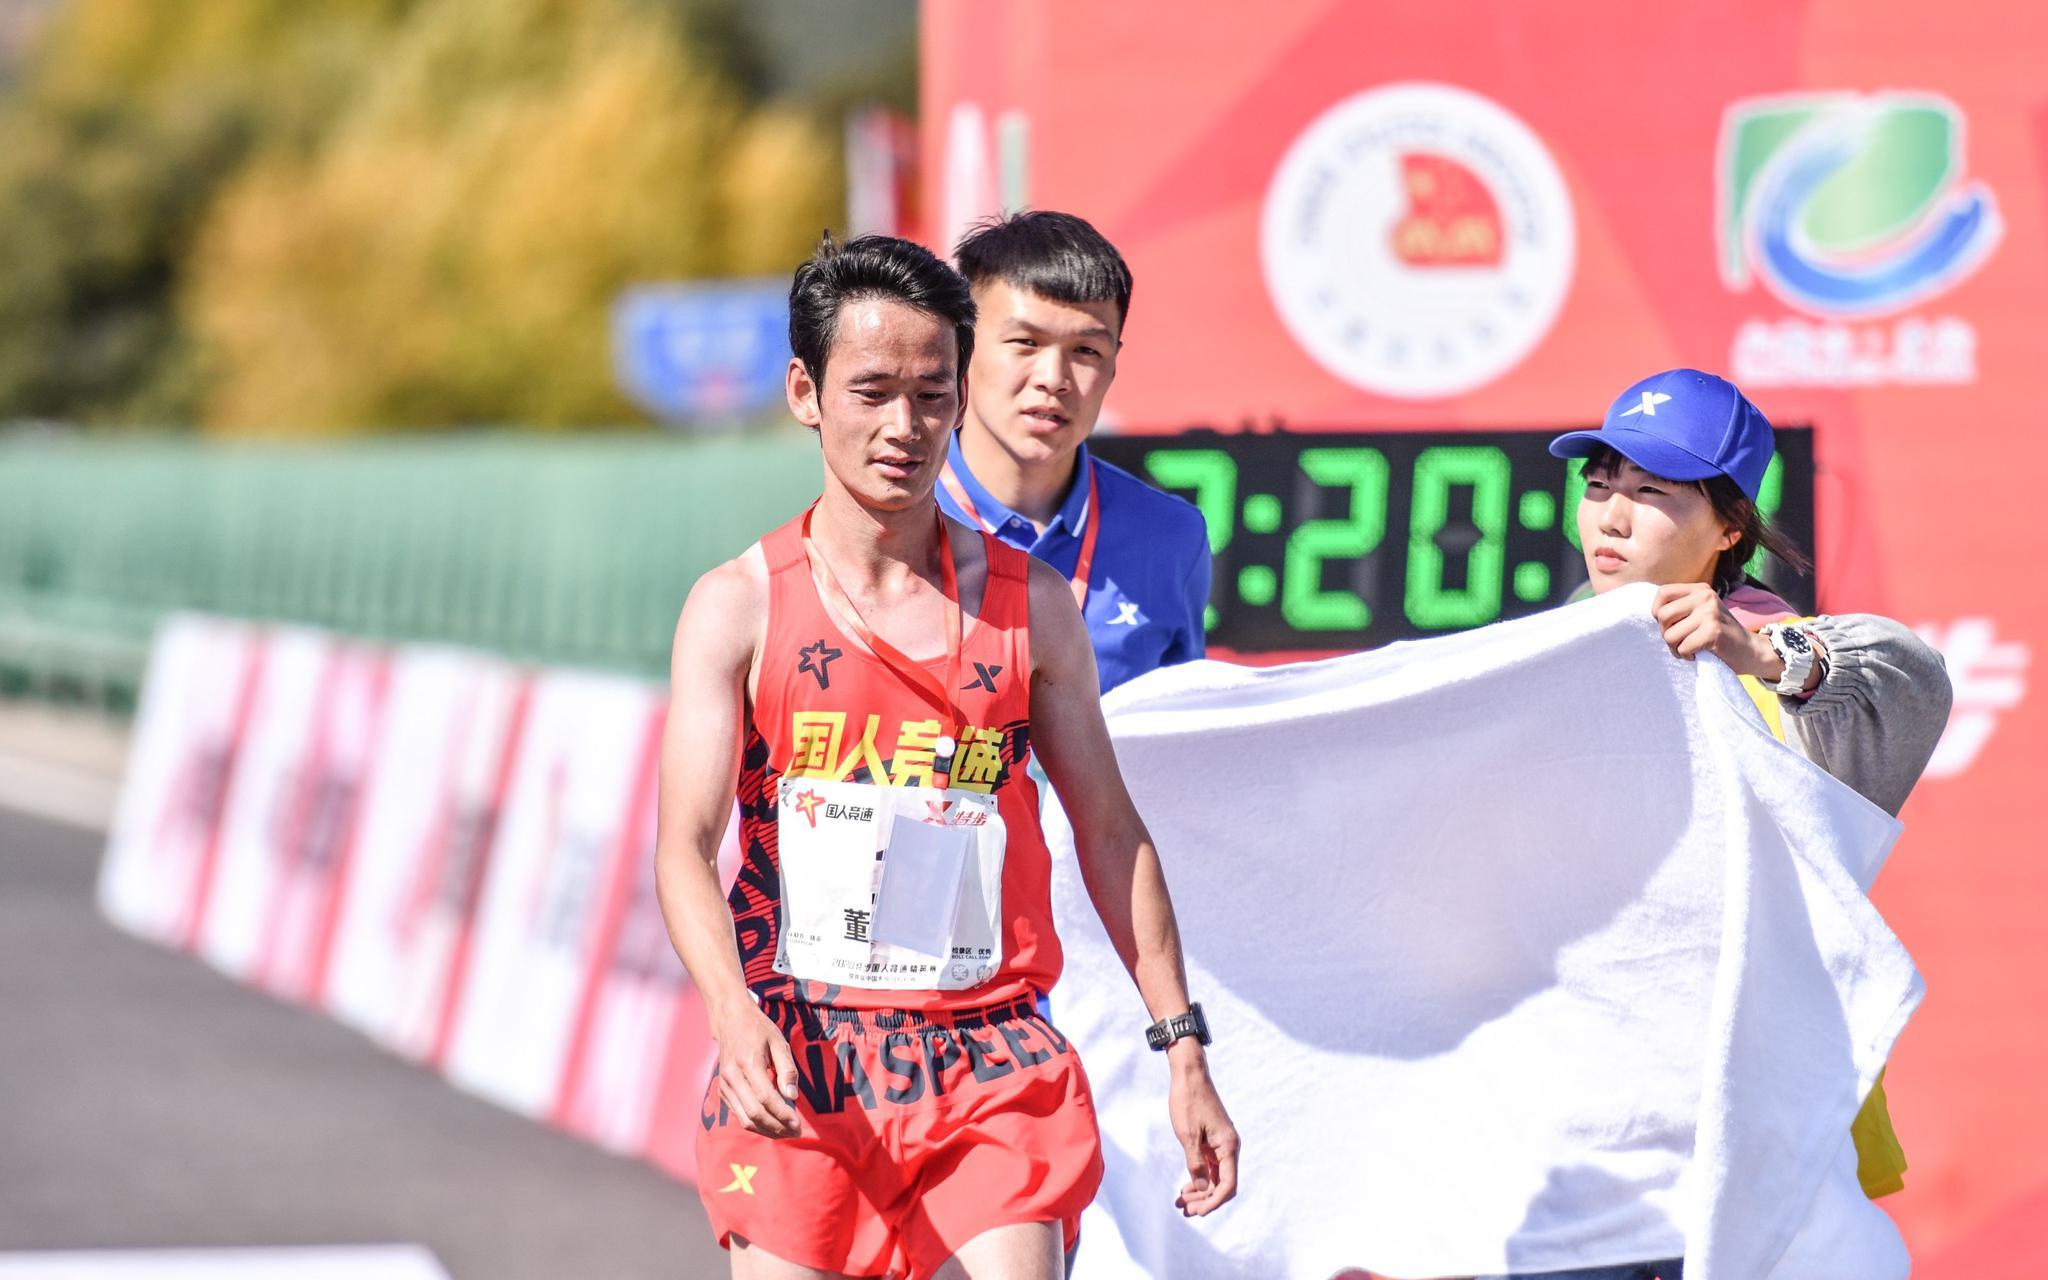 多伦马拉松精英赛爆冷,董国建第5名何引丽亚军图片